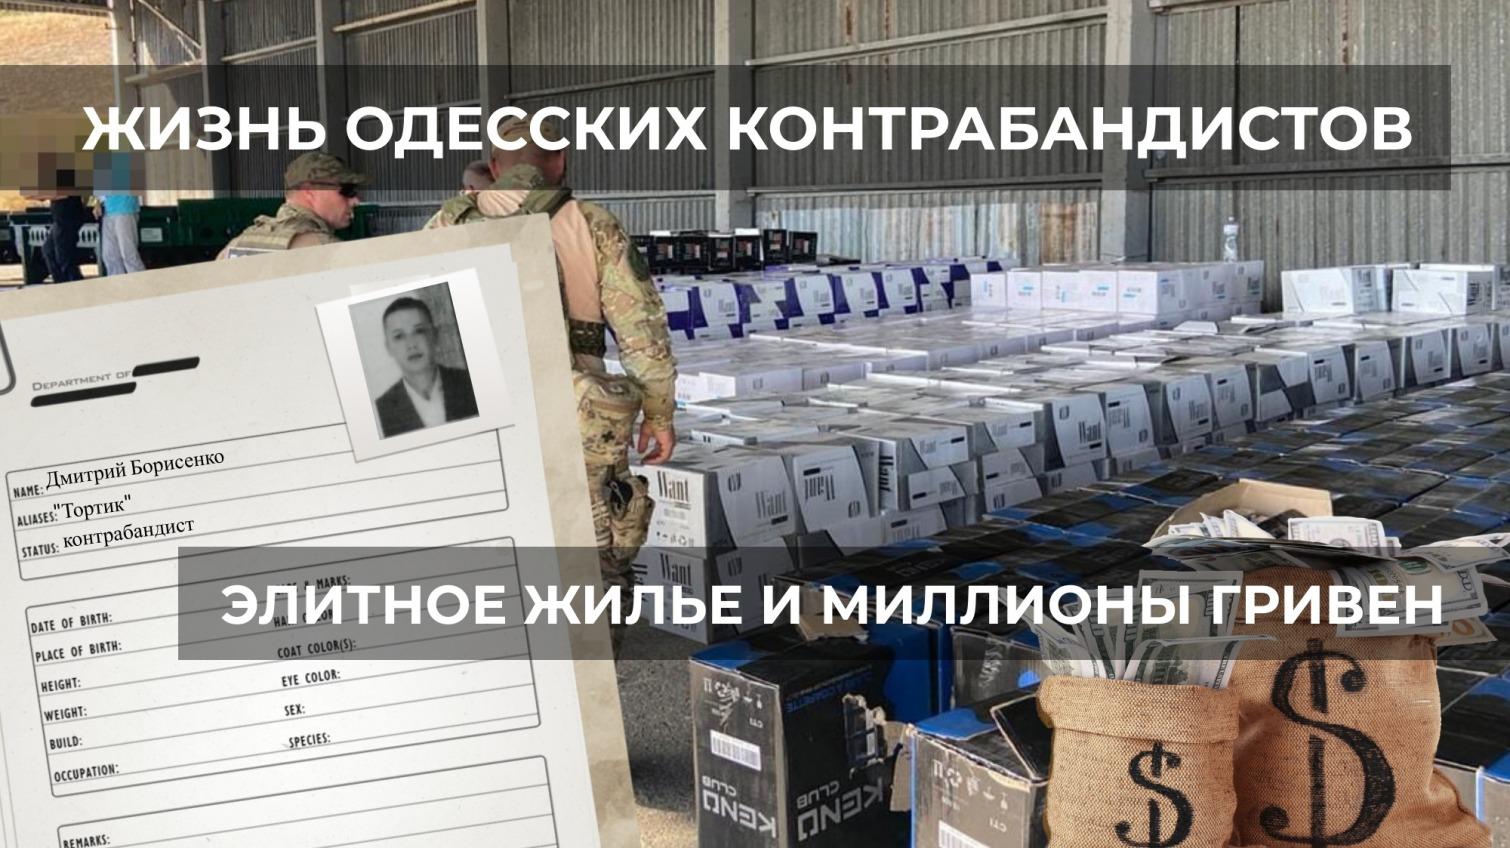 Жизнь одесских контрабандистов: «Новопечерские липки» и миллионы гривен «фото»